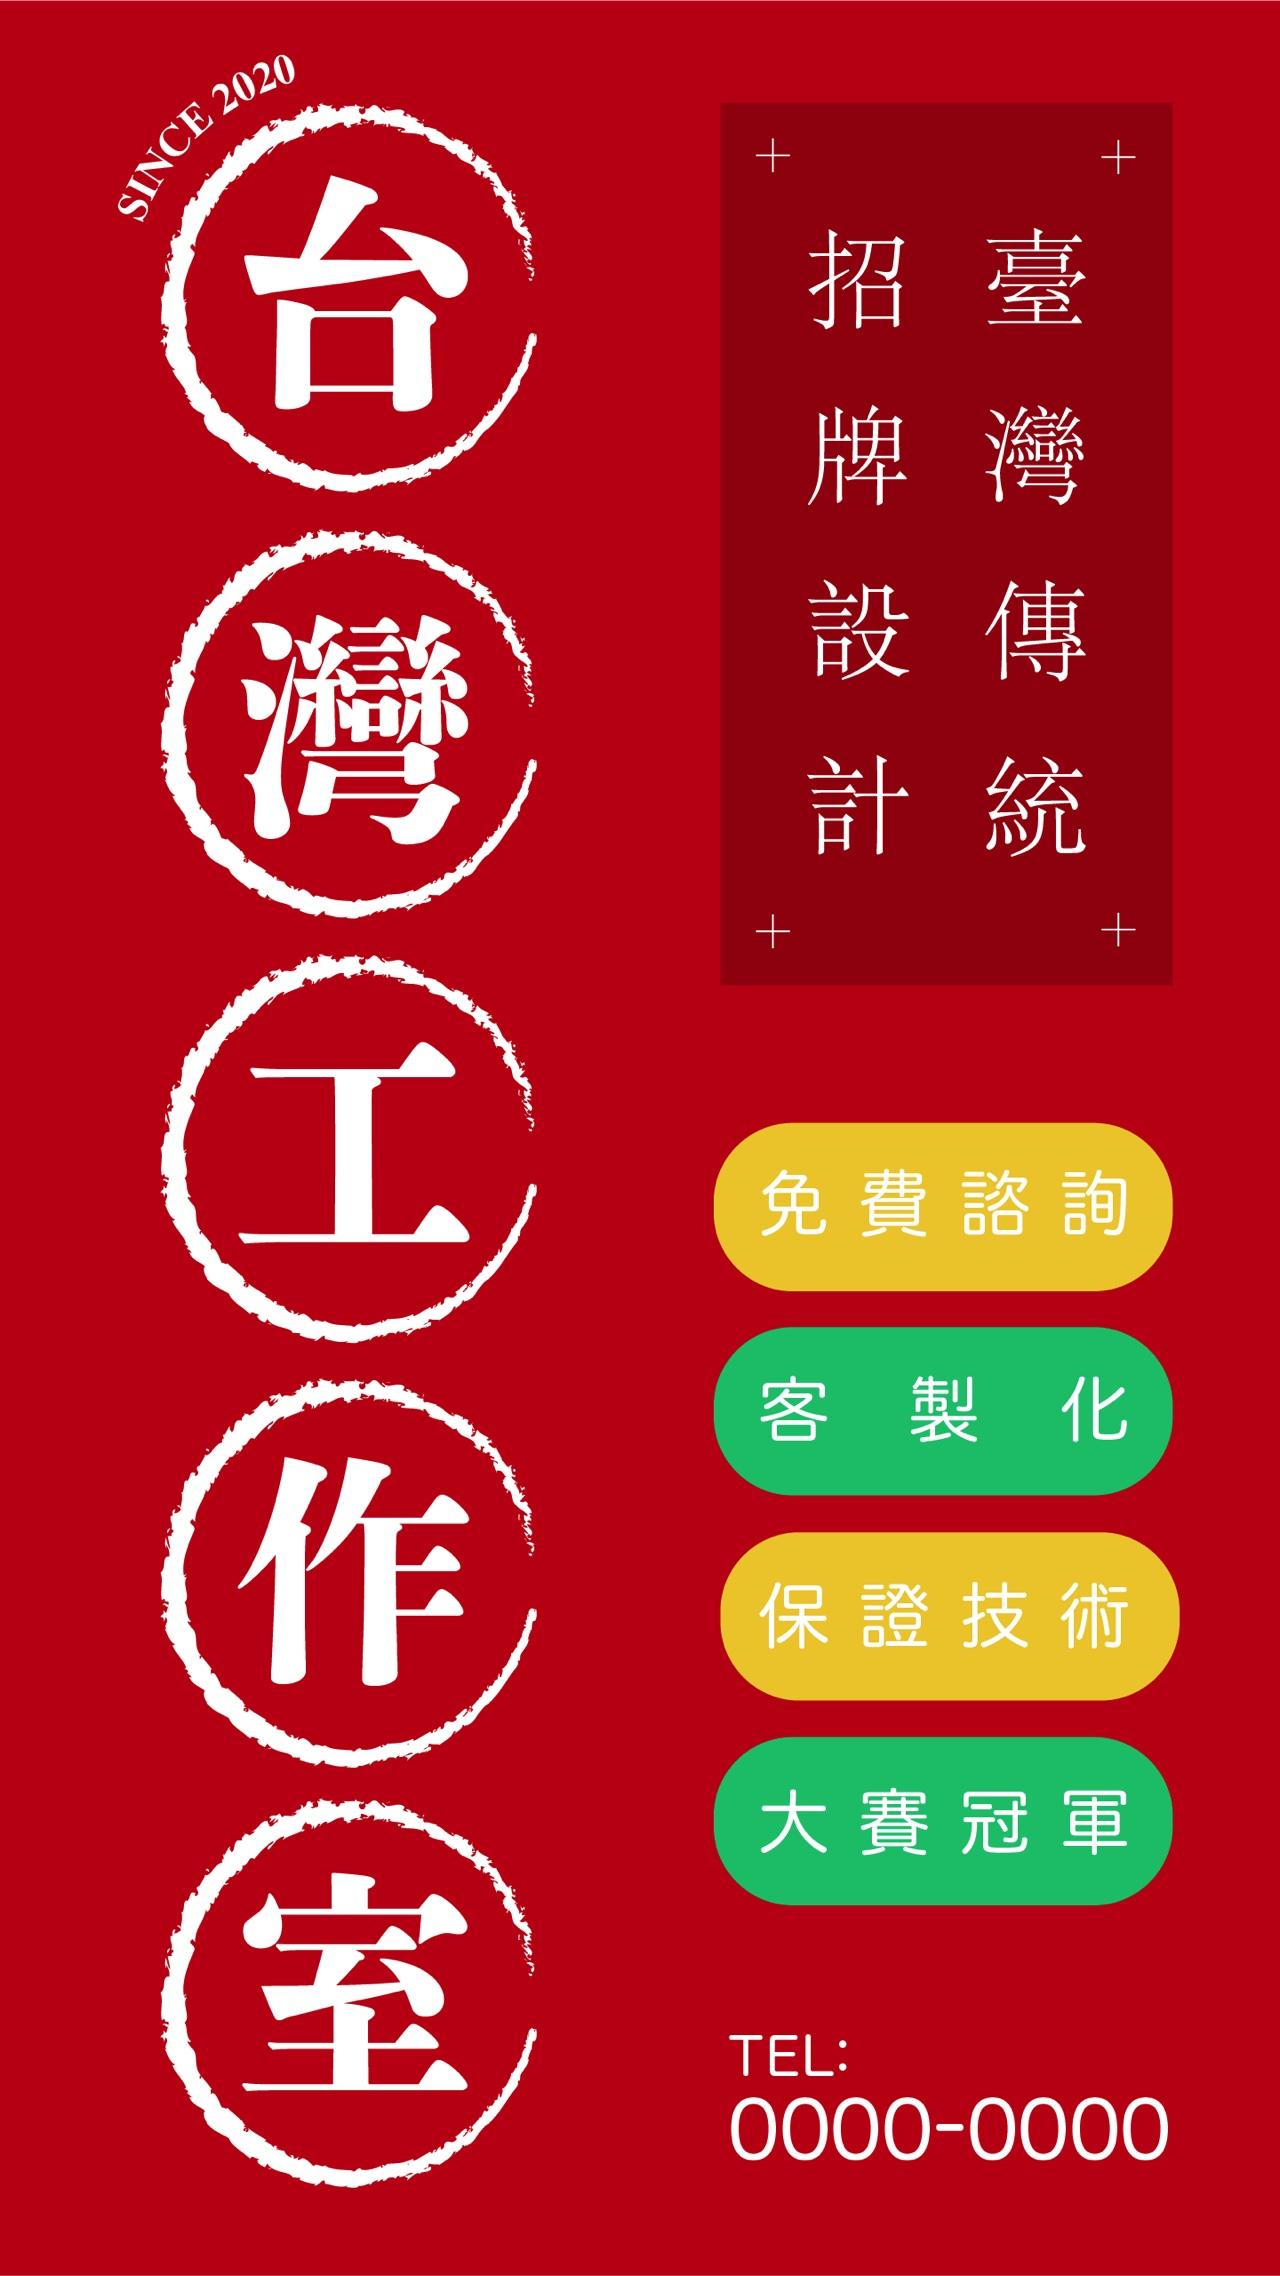 縦位置の台湾っぽい看板デザイン